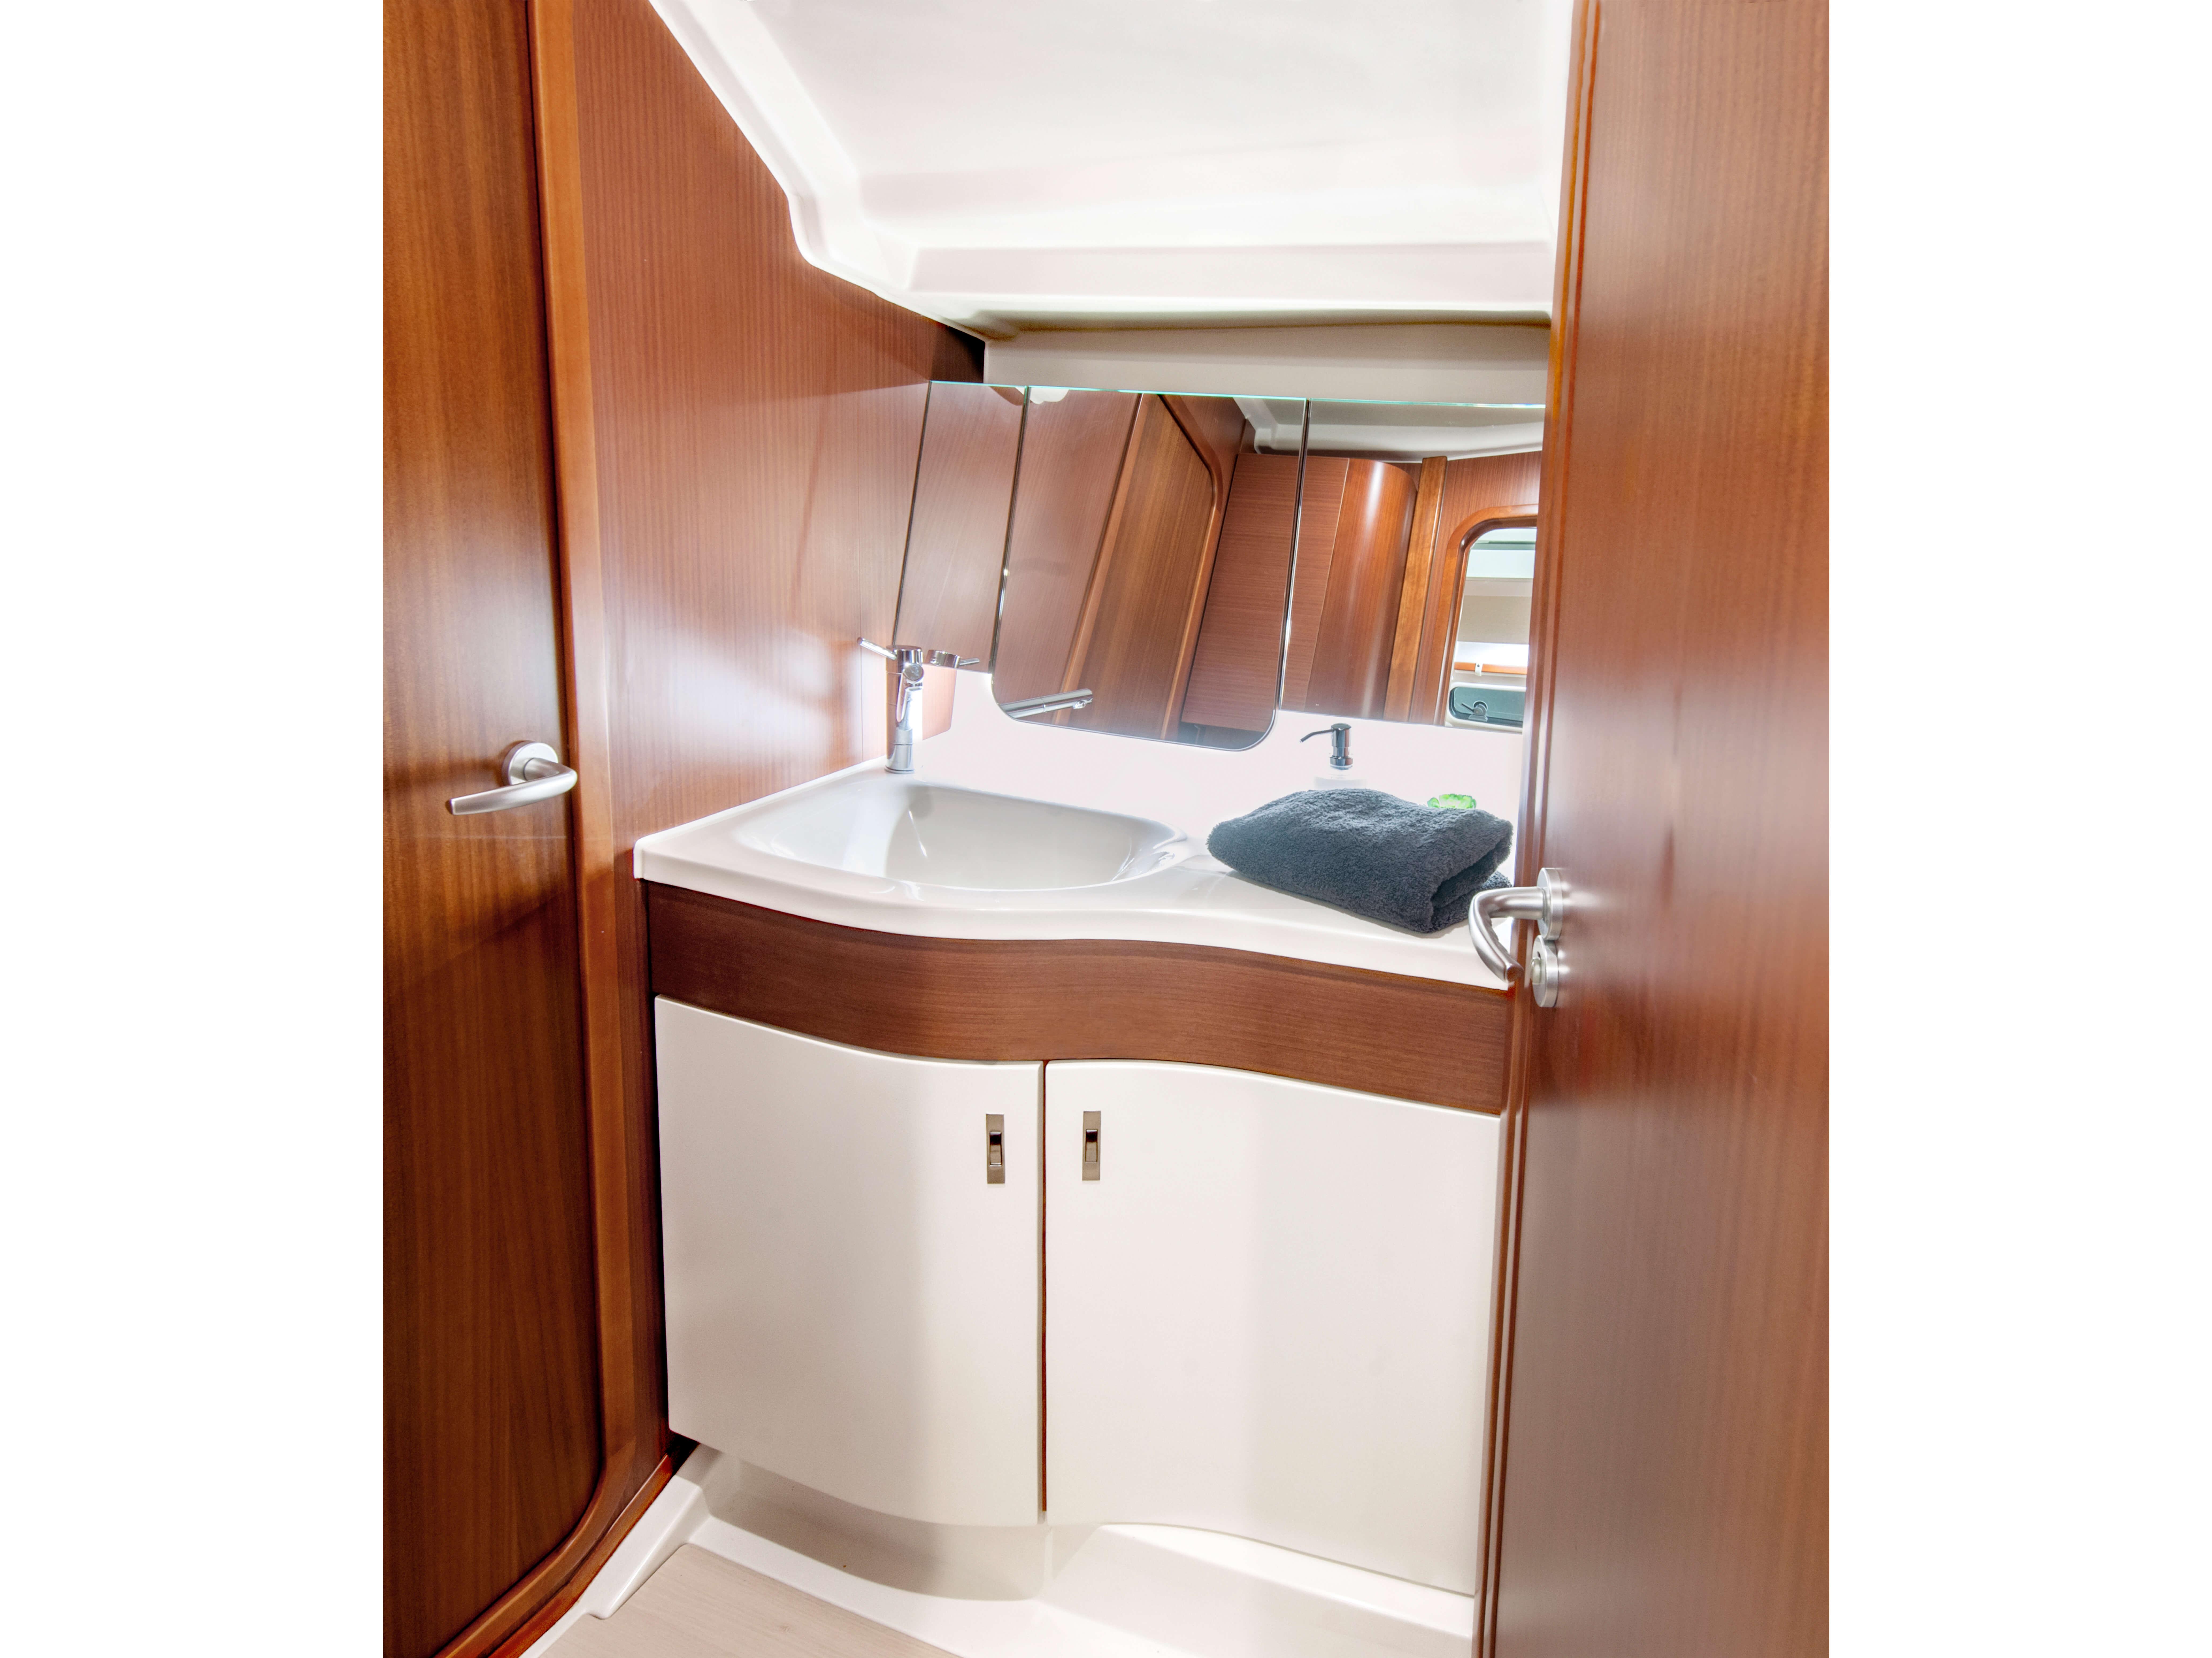 Dehler 42 Intérieur cellule humide | mahogany, eviér, miroir, compartiment de rangement | Dehler